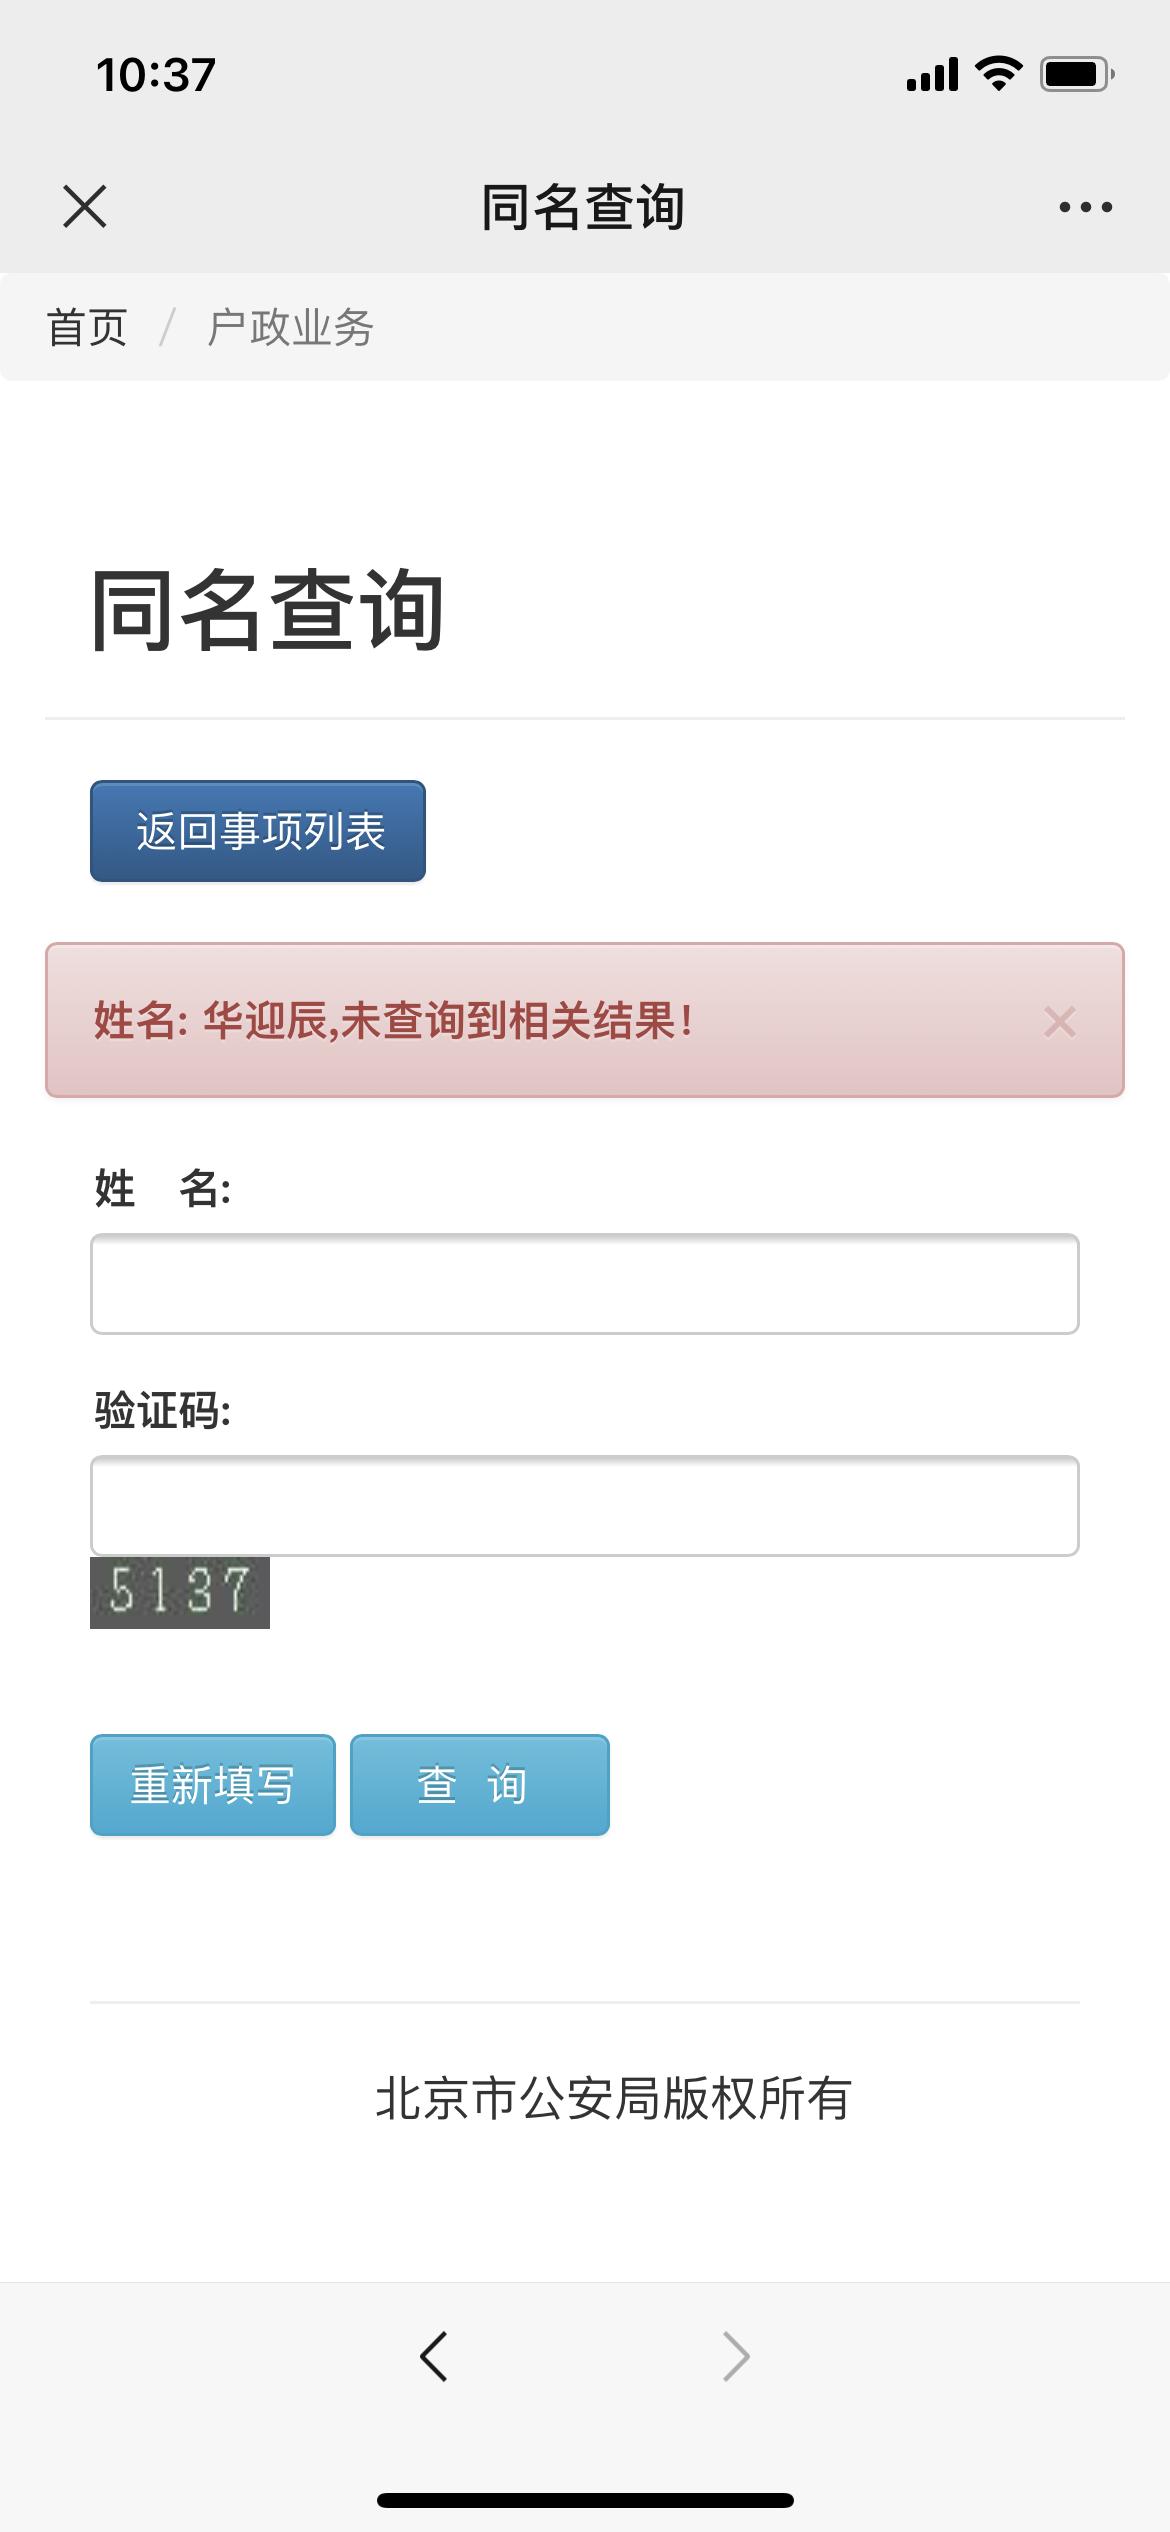 华晨宇张碧晨被传隐婚生子,孩子名字也曝光?